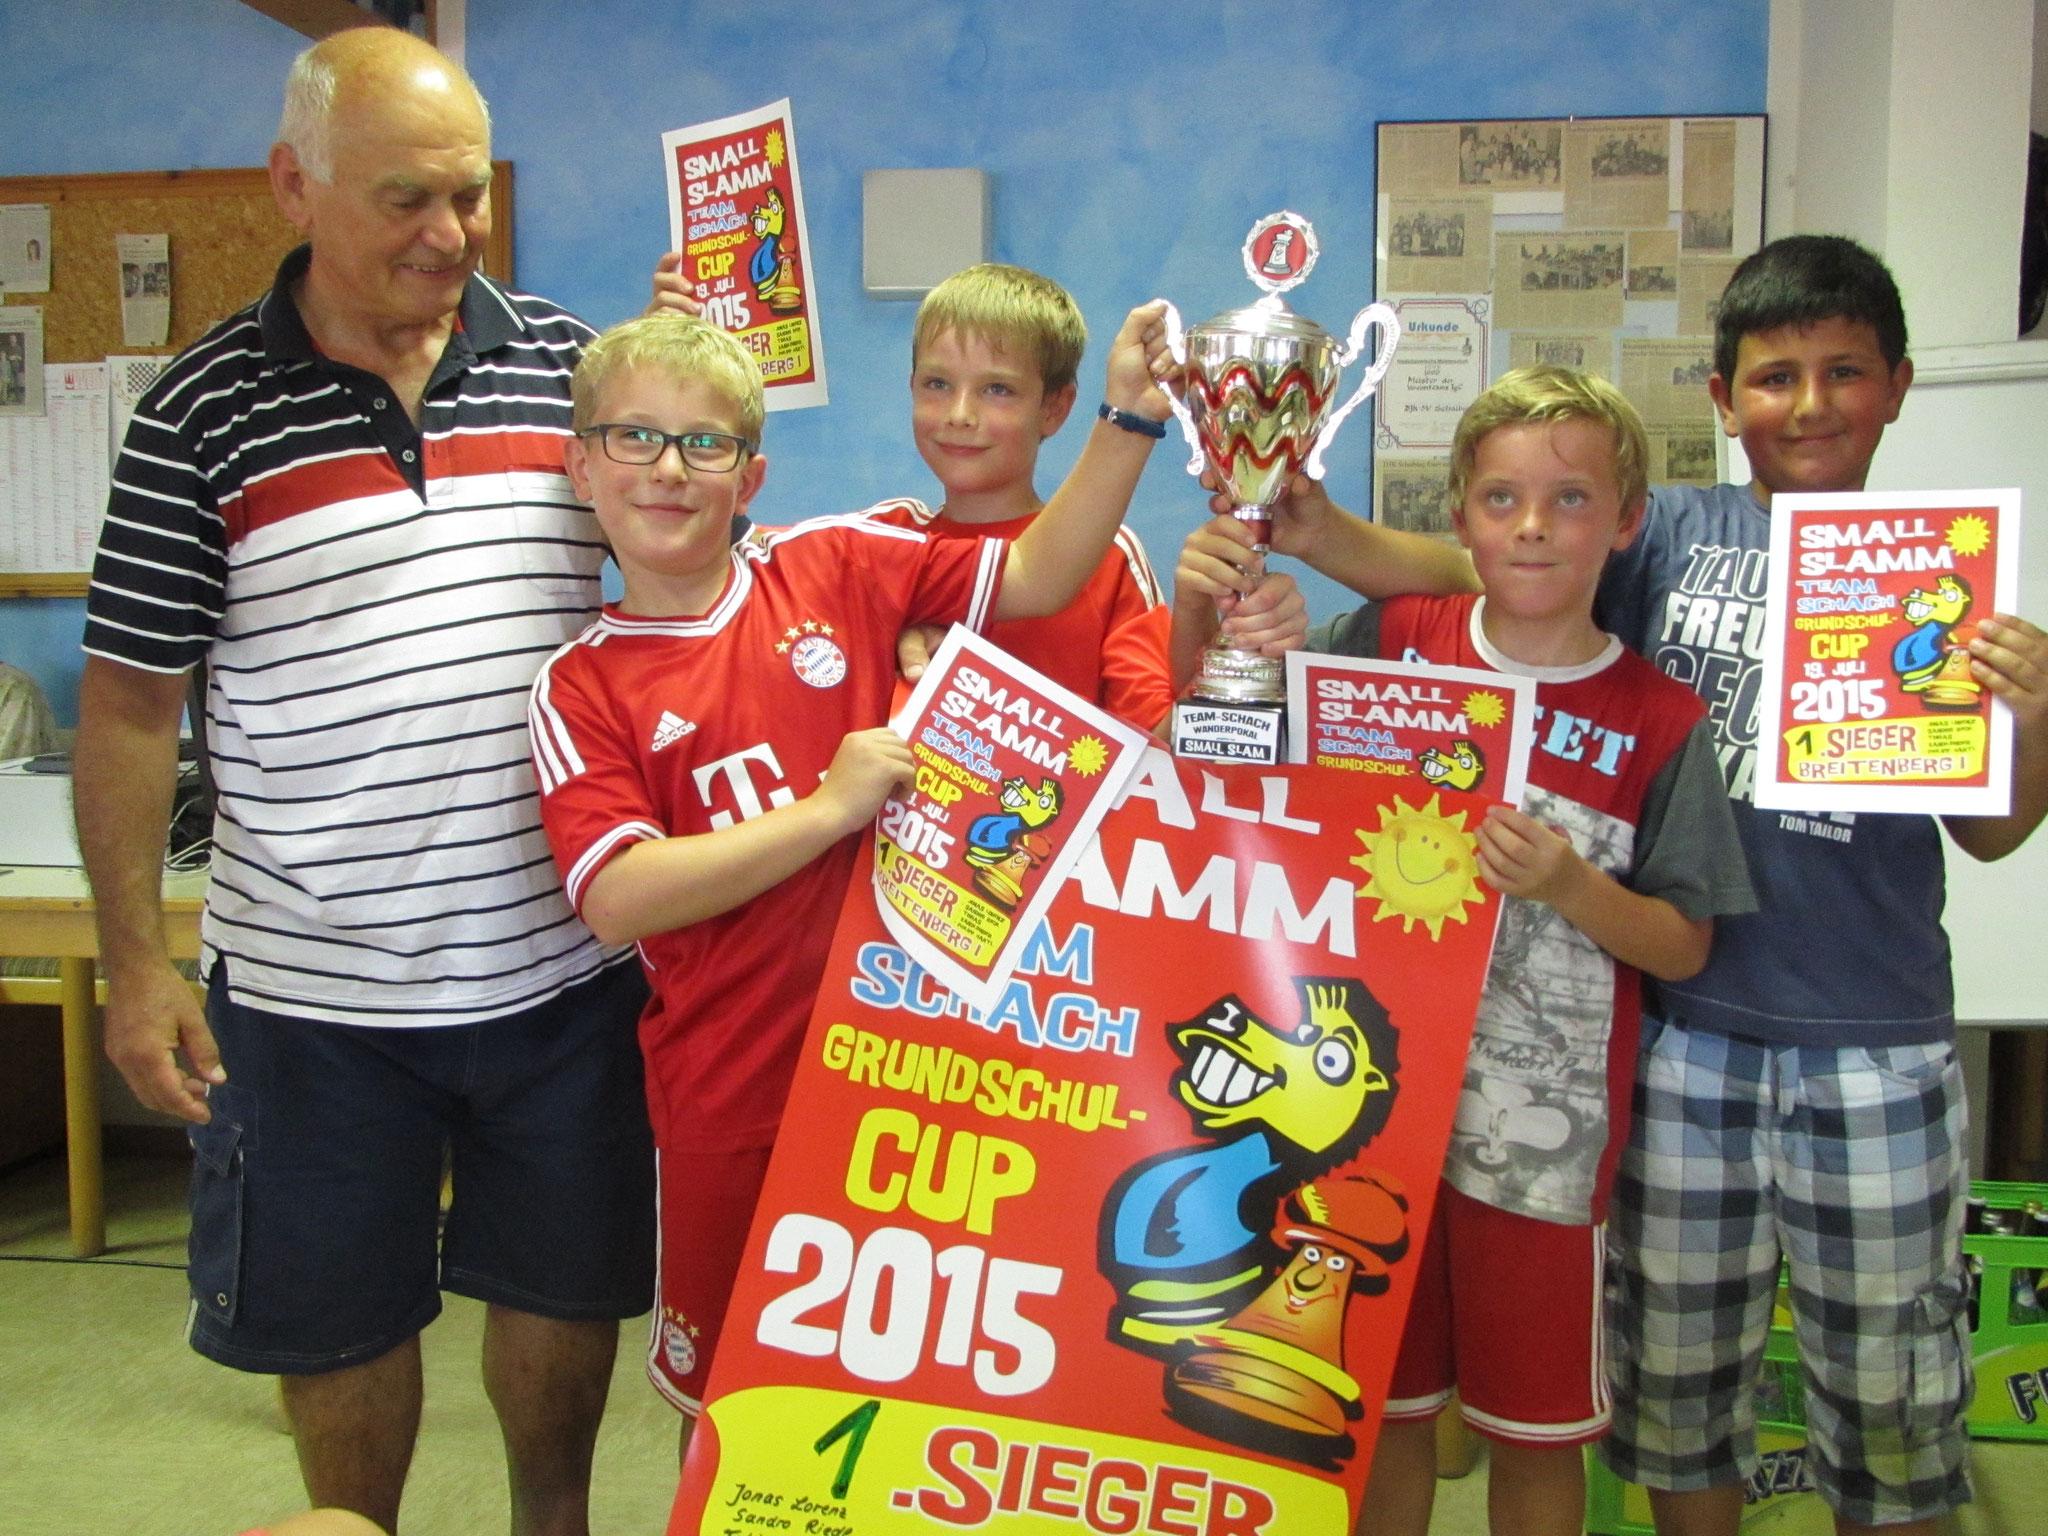 1. Sieger GS Breitenberg 1 - Nach dreimaligen Gewinn in Folge bleibt der Wanderpokal in Breitenberg. Gratulation!!